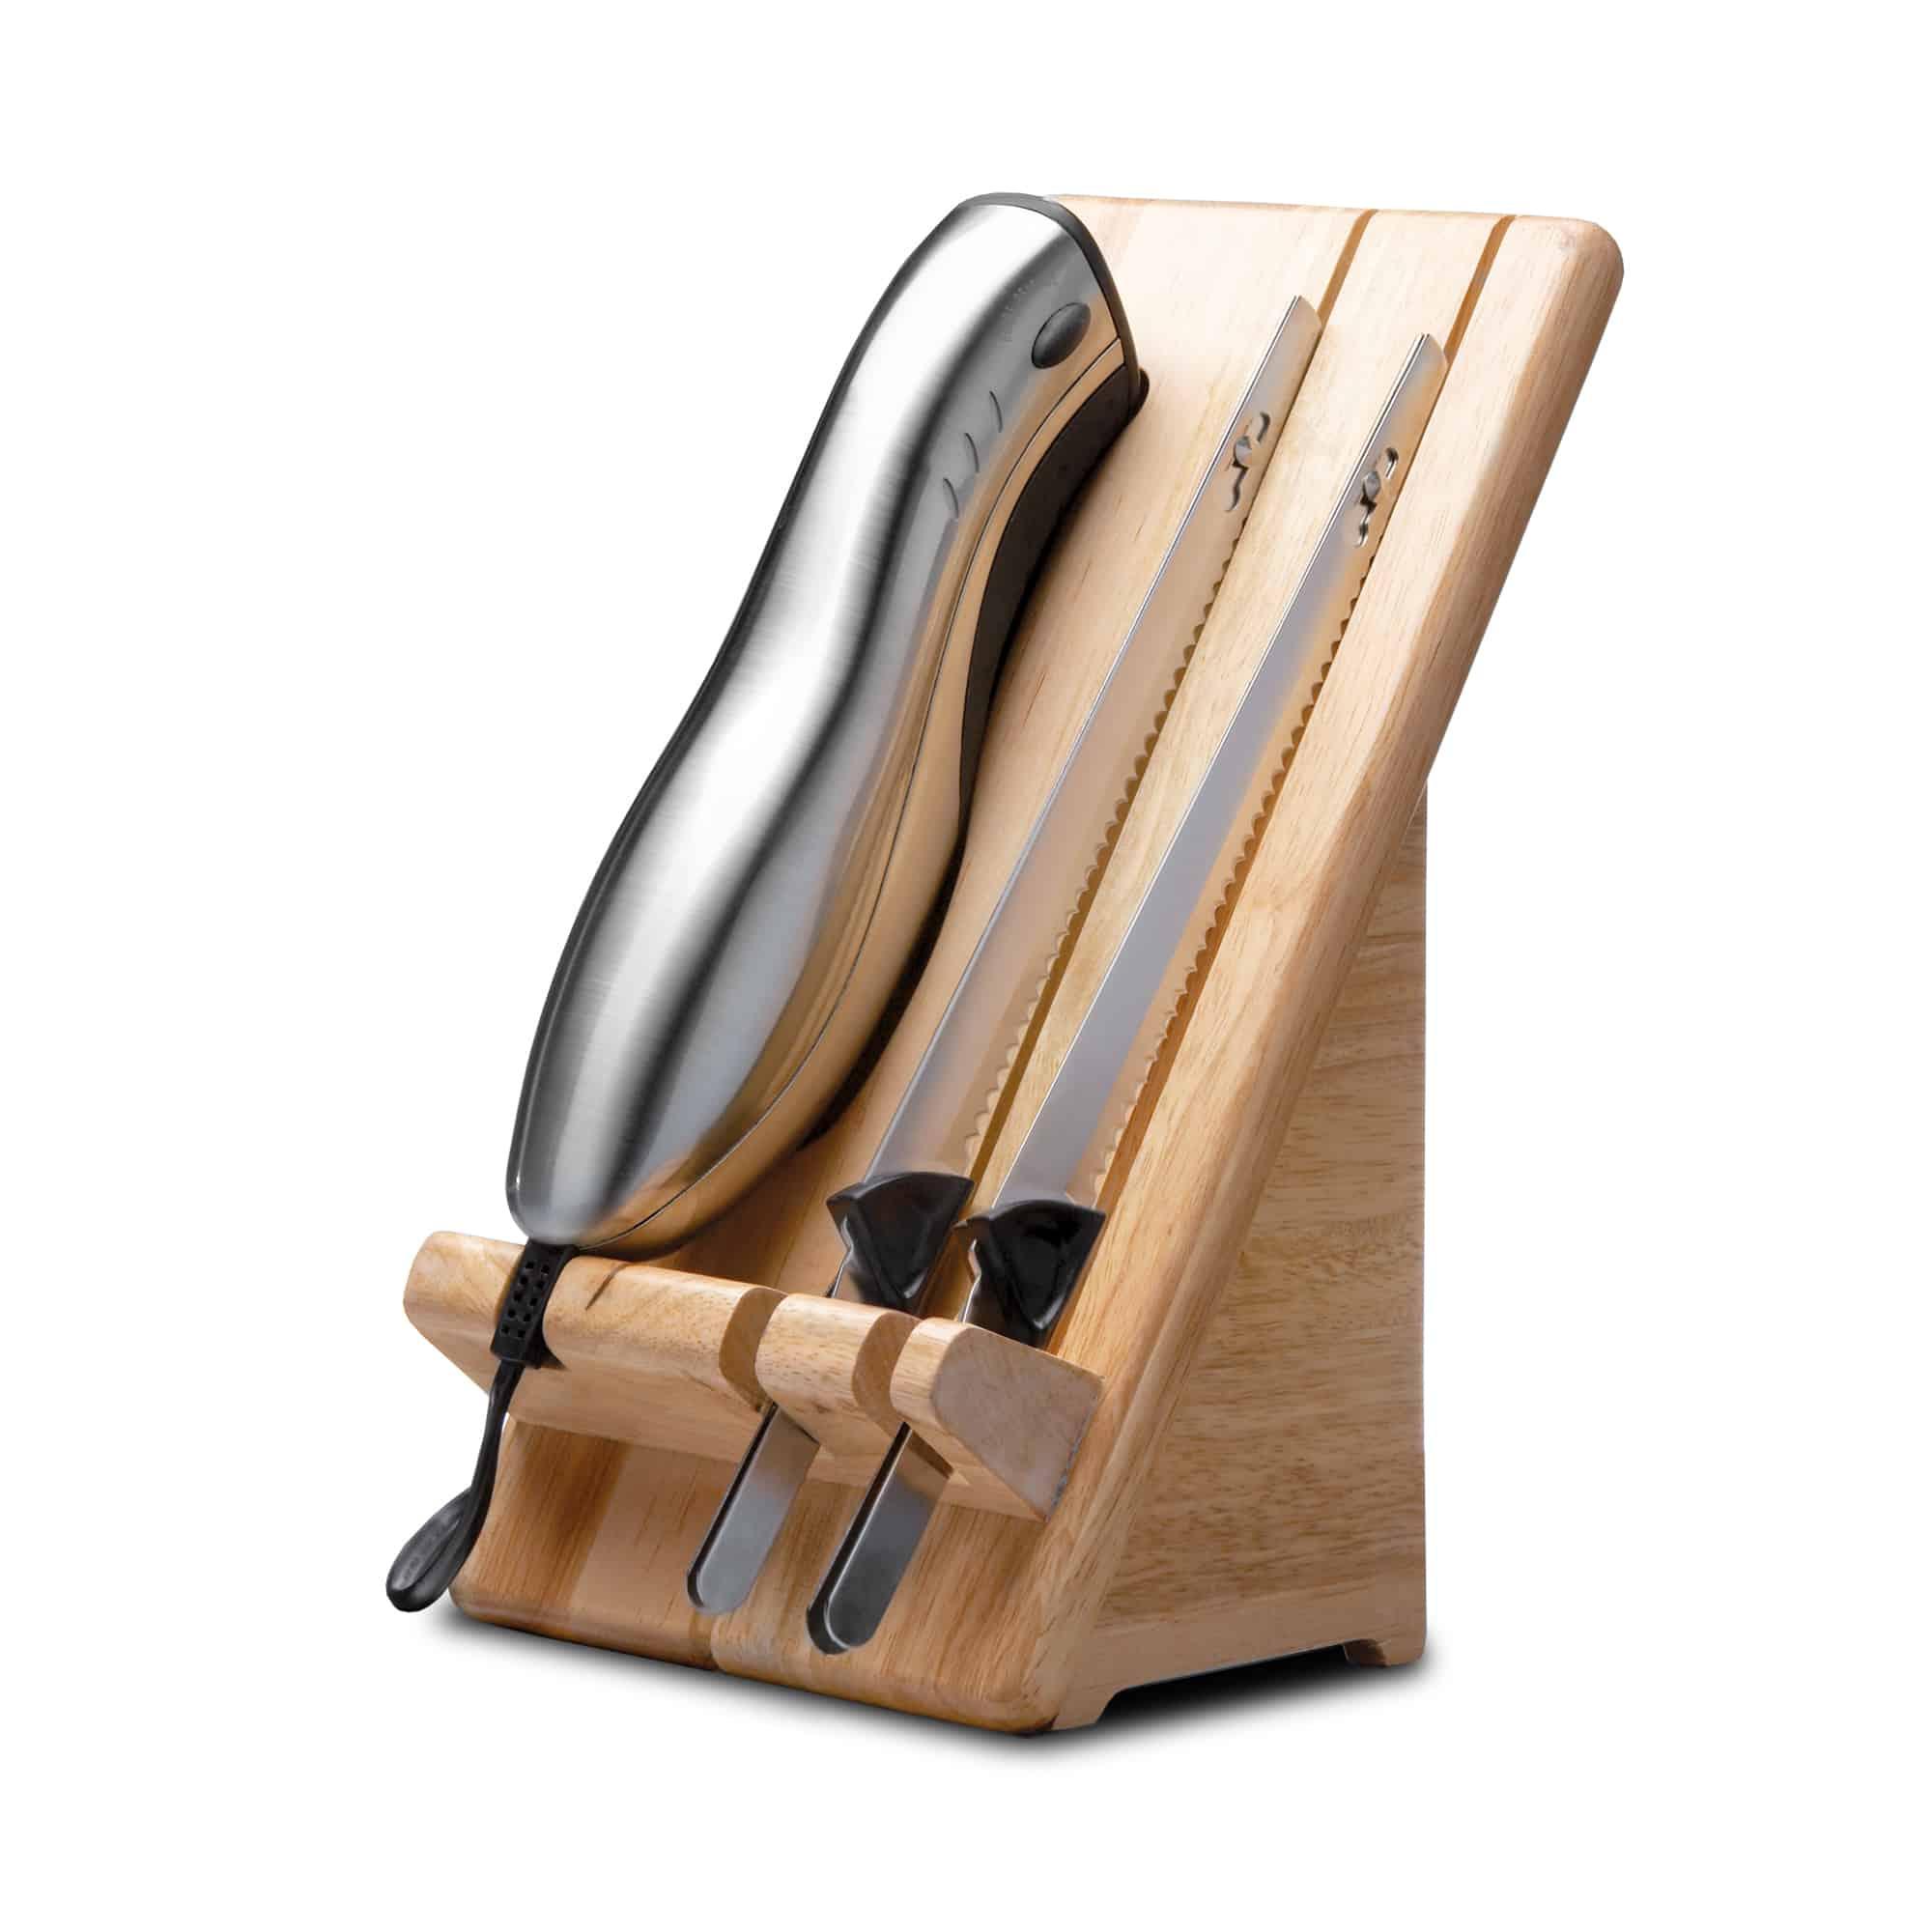 Gastroback 41600 Design Elektromesser Home Culture Inox-Touch-Gehäuse 2 Klingen für 50,46 Euro